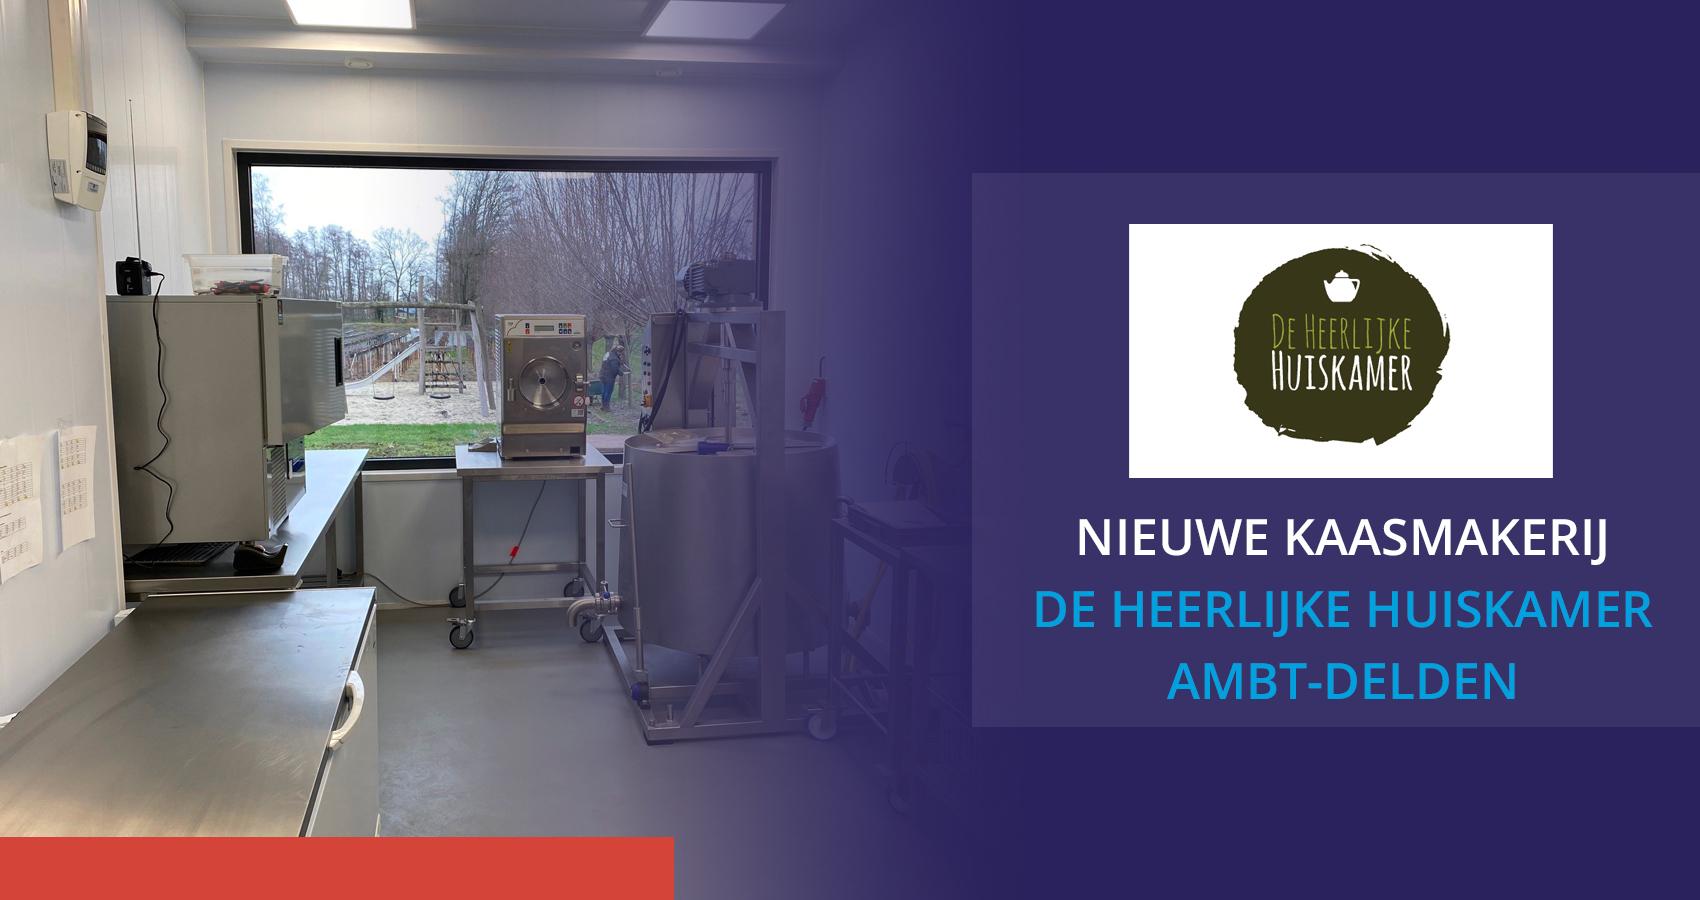 Kaasmakerij in De Heerlijke Huiskamer in Ambt-Delden